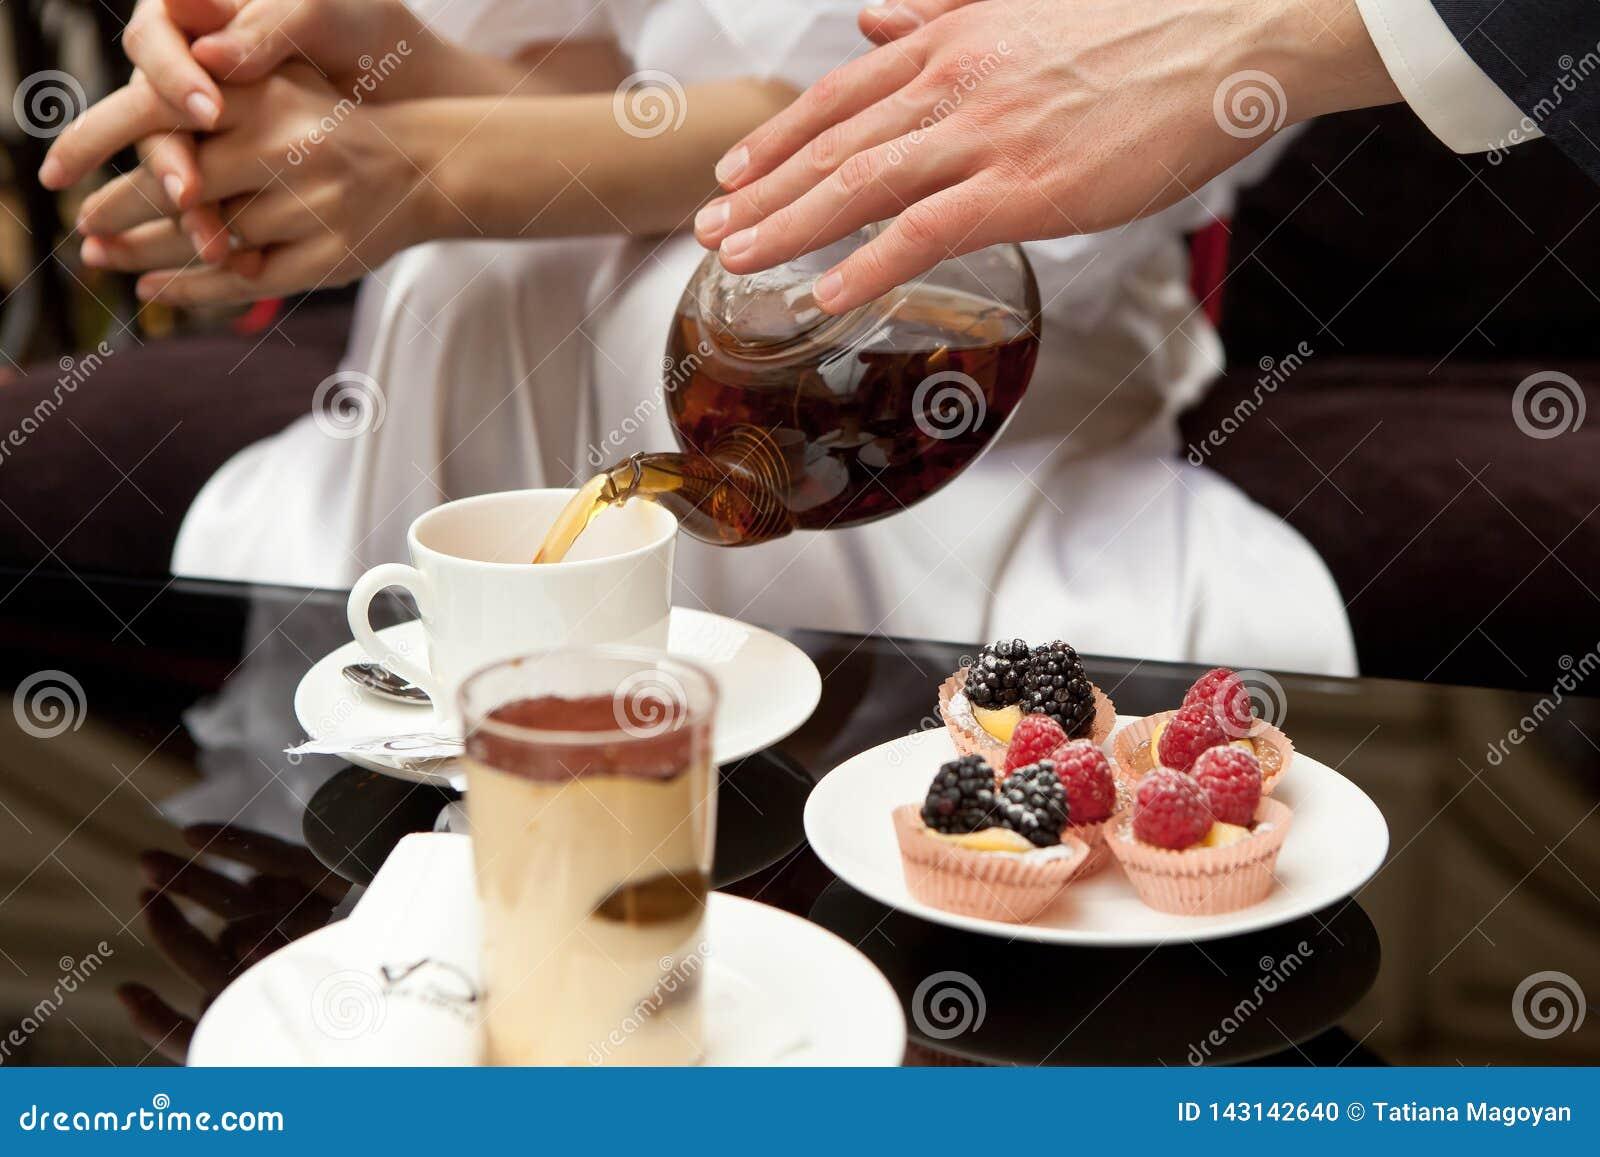 Человек заботит для женщины: льет ее зеленый чай На таблице десерты: тирамису и печенья со свежими ягодами Без сторон